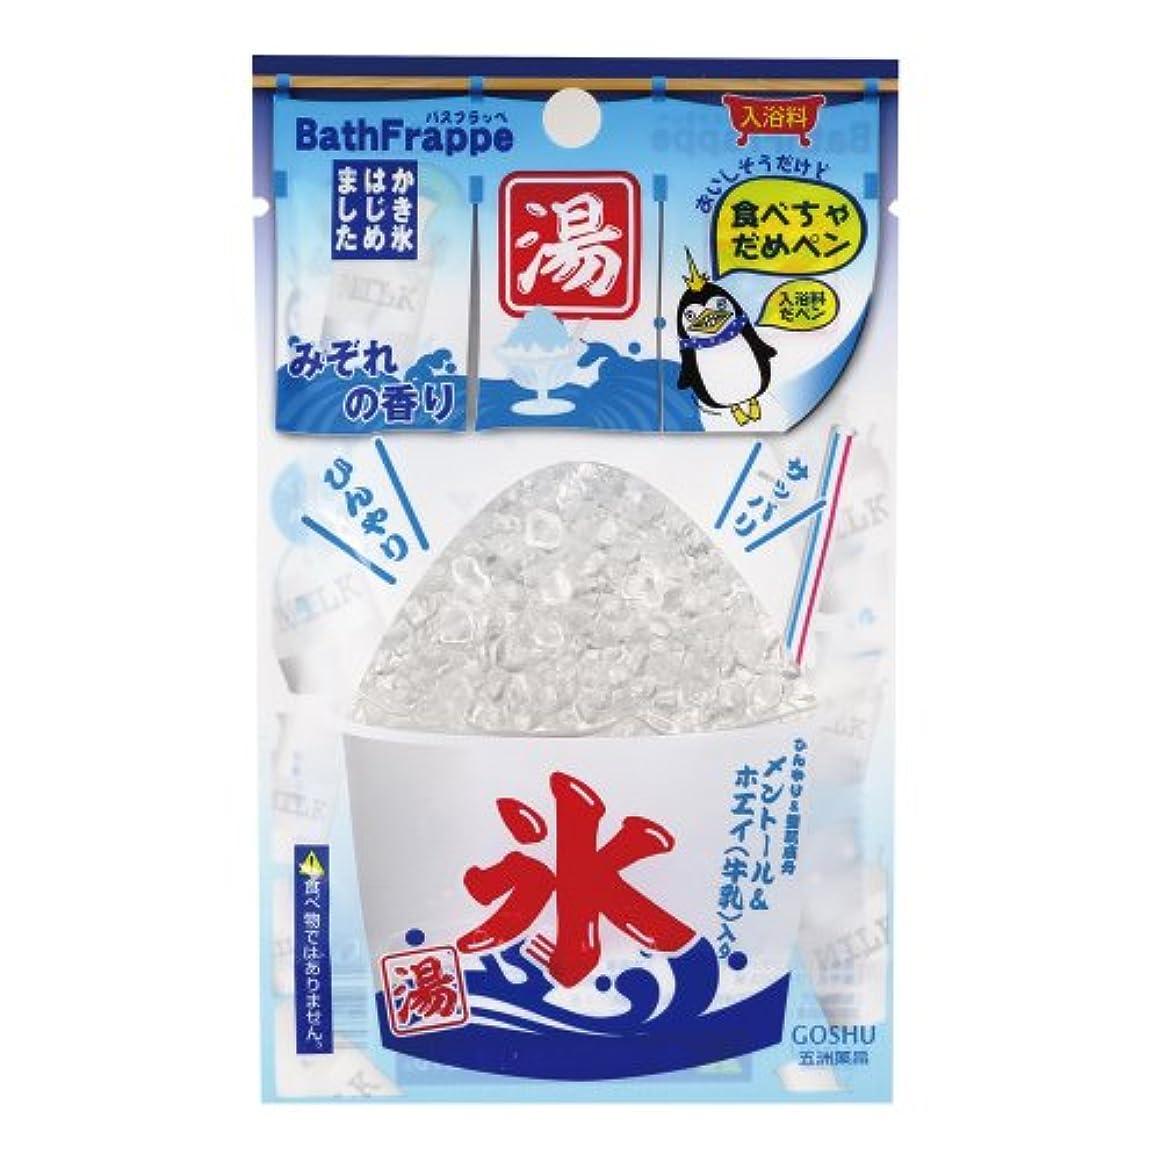 人類特許シャッフル五洲薬品 かき氷風入浴剤 バスフラッペ みぞれの香り 1箱(10包入)